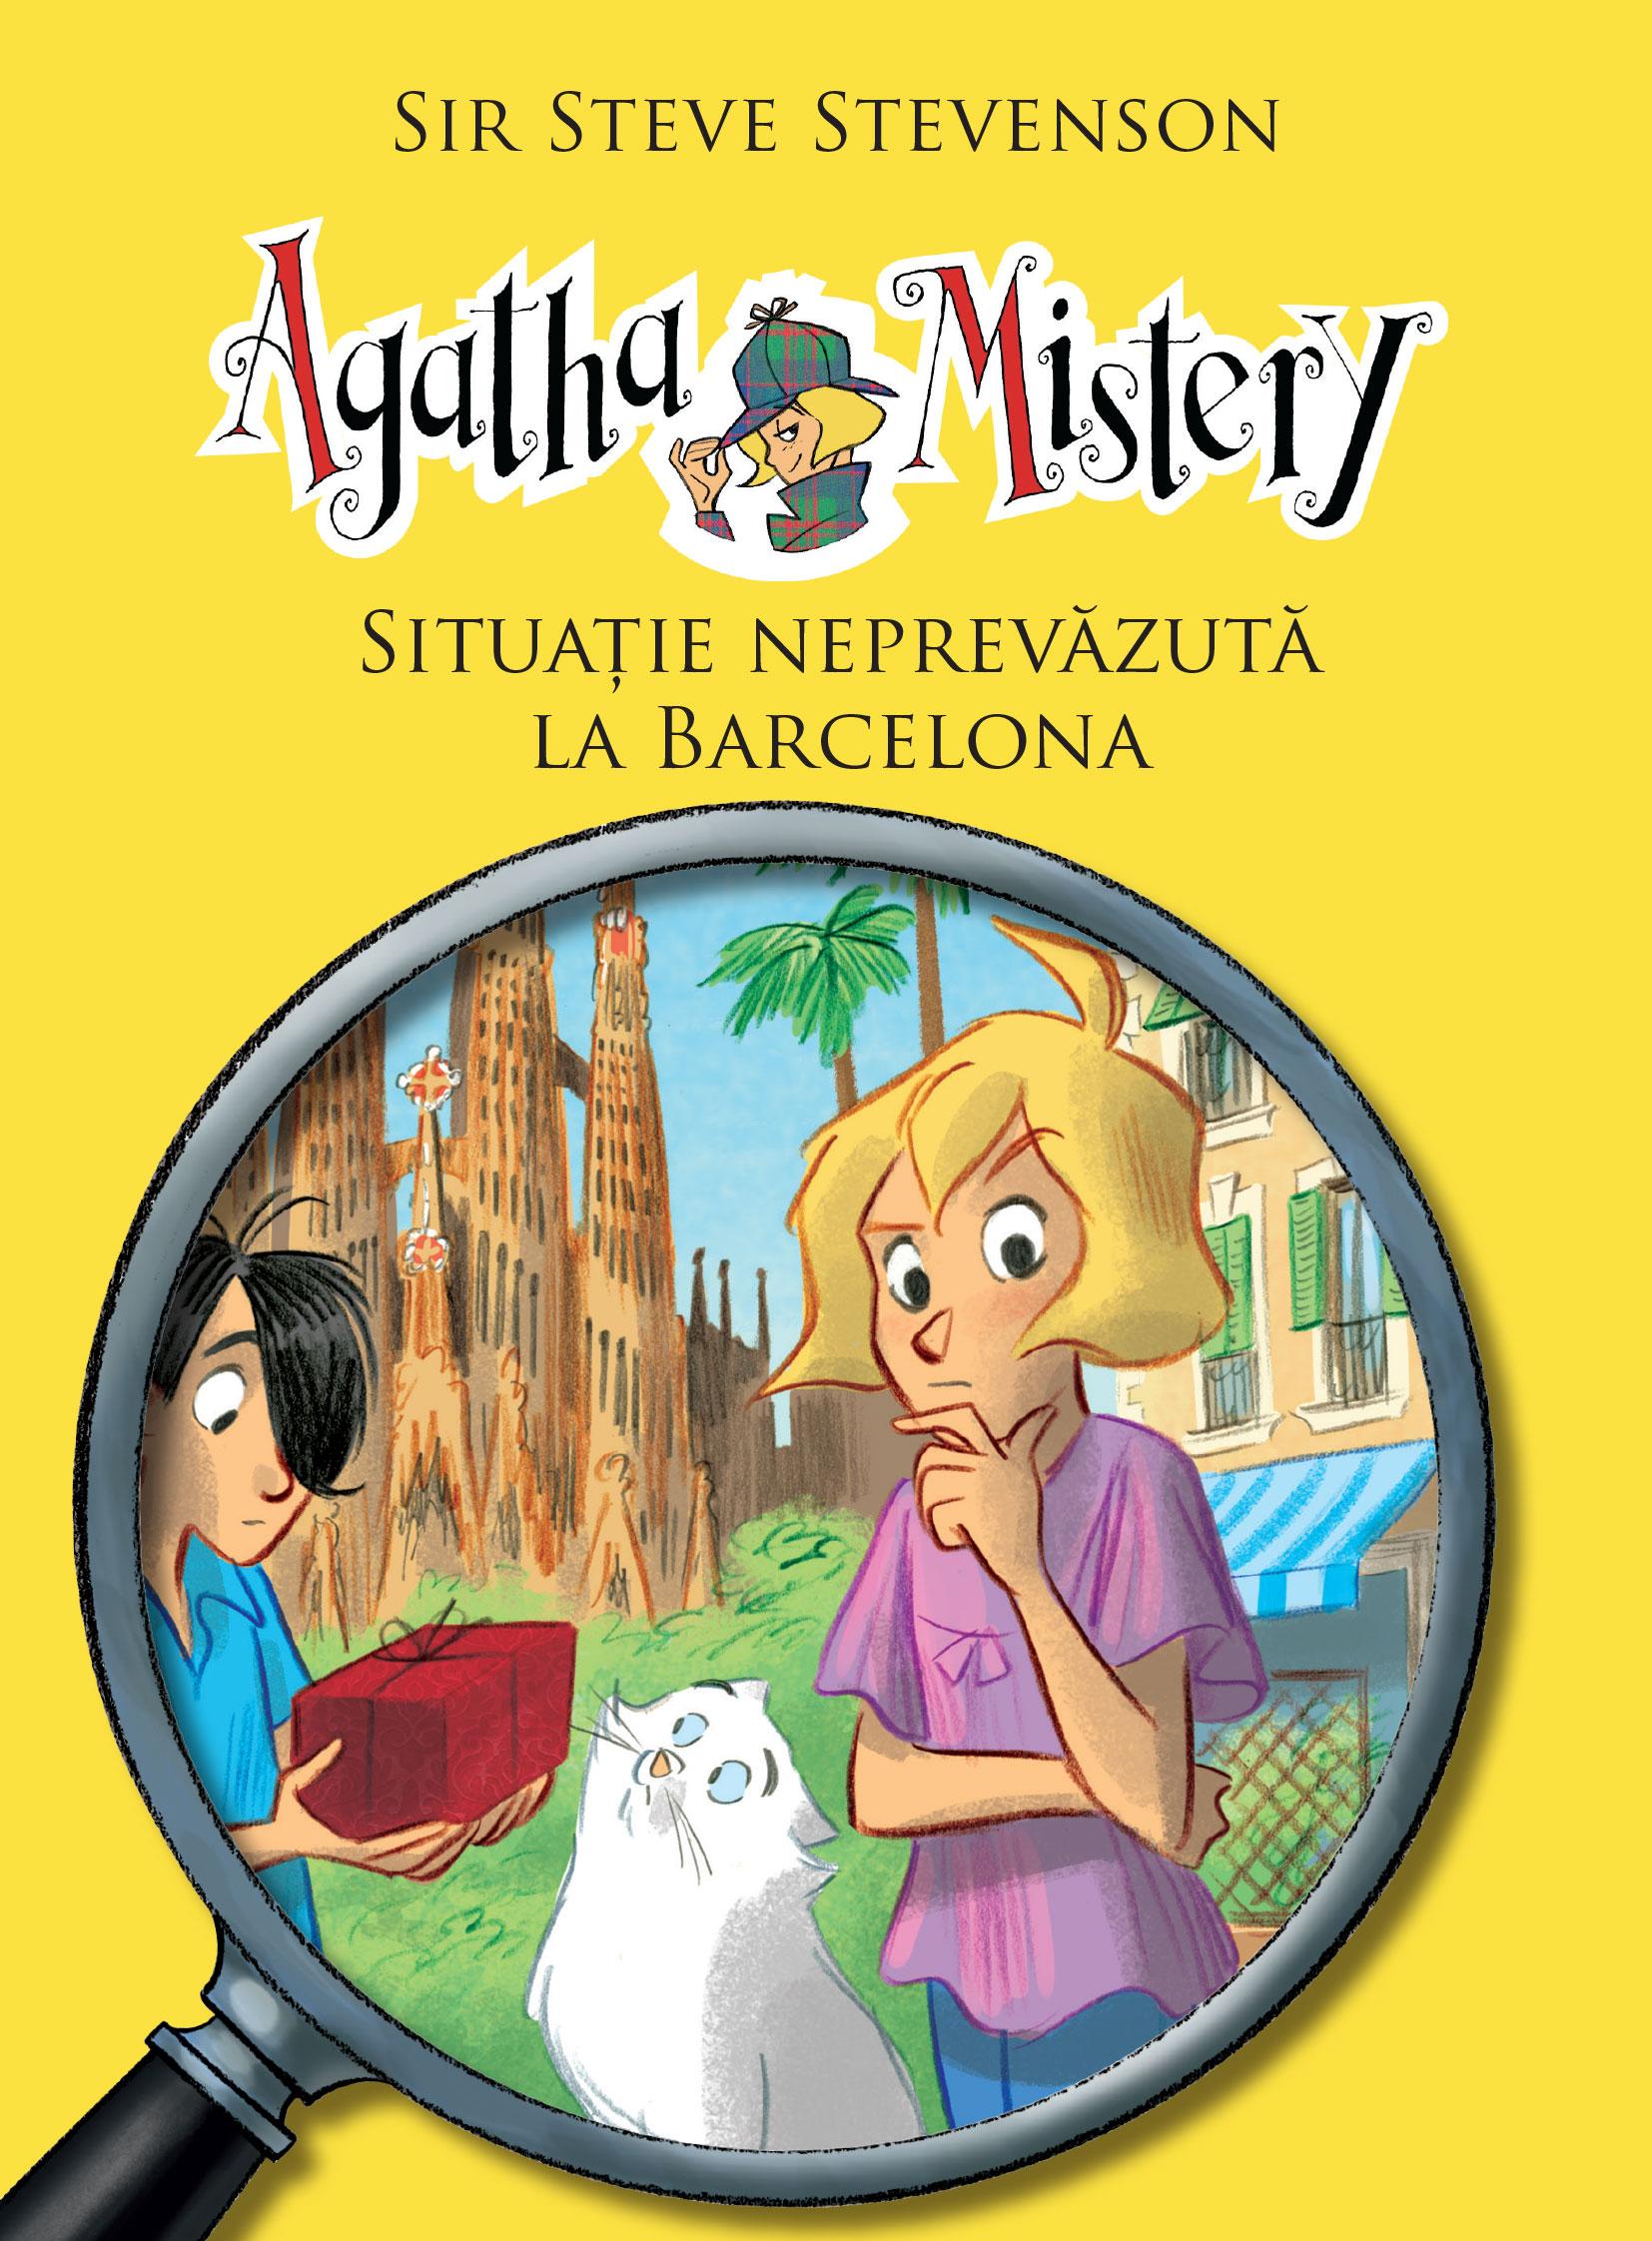 Agatha Mistery | Sir Steve Stevenson